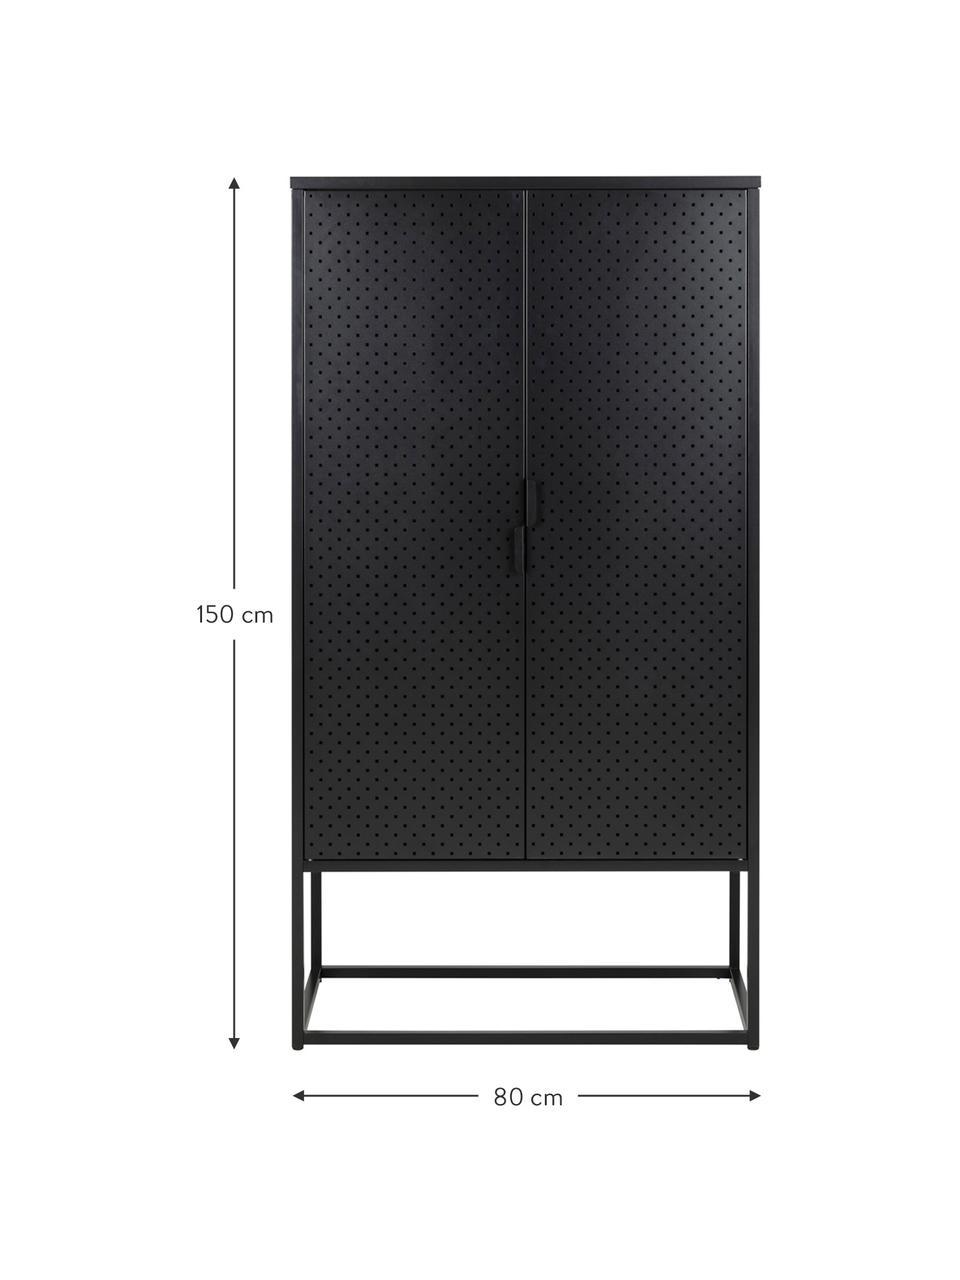 Credenza alta in metallo nero Newton, Metallo rivestito, Nero, Larg. 80 x Alt. 150 cm